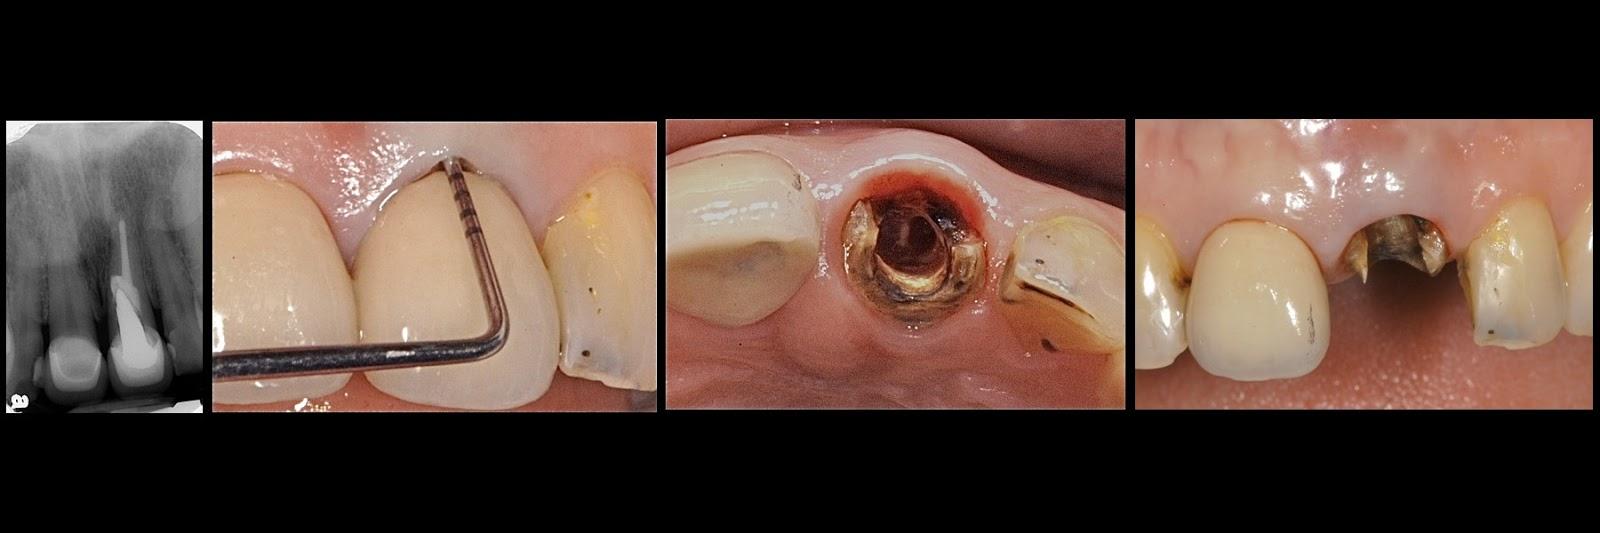 許榮仁假牙專科 (贗復牙醫專科) Jacksyu prosthodontist: 2012-10-21